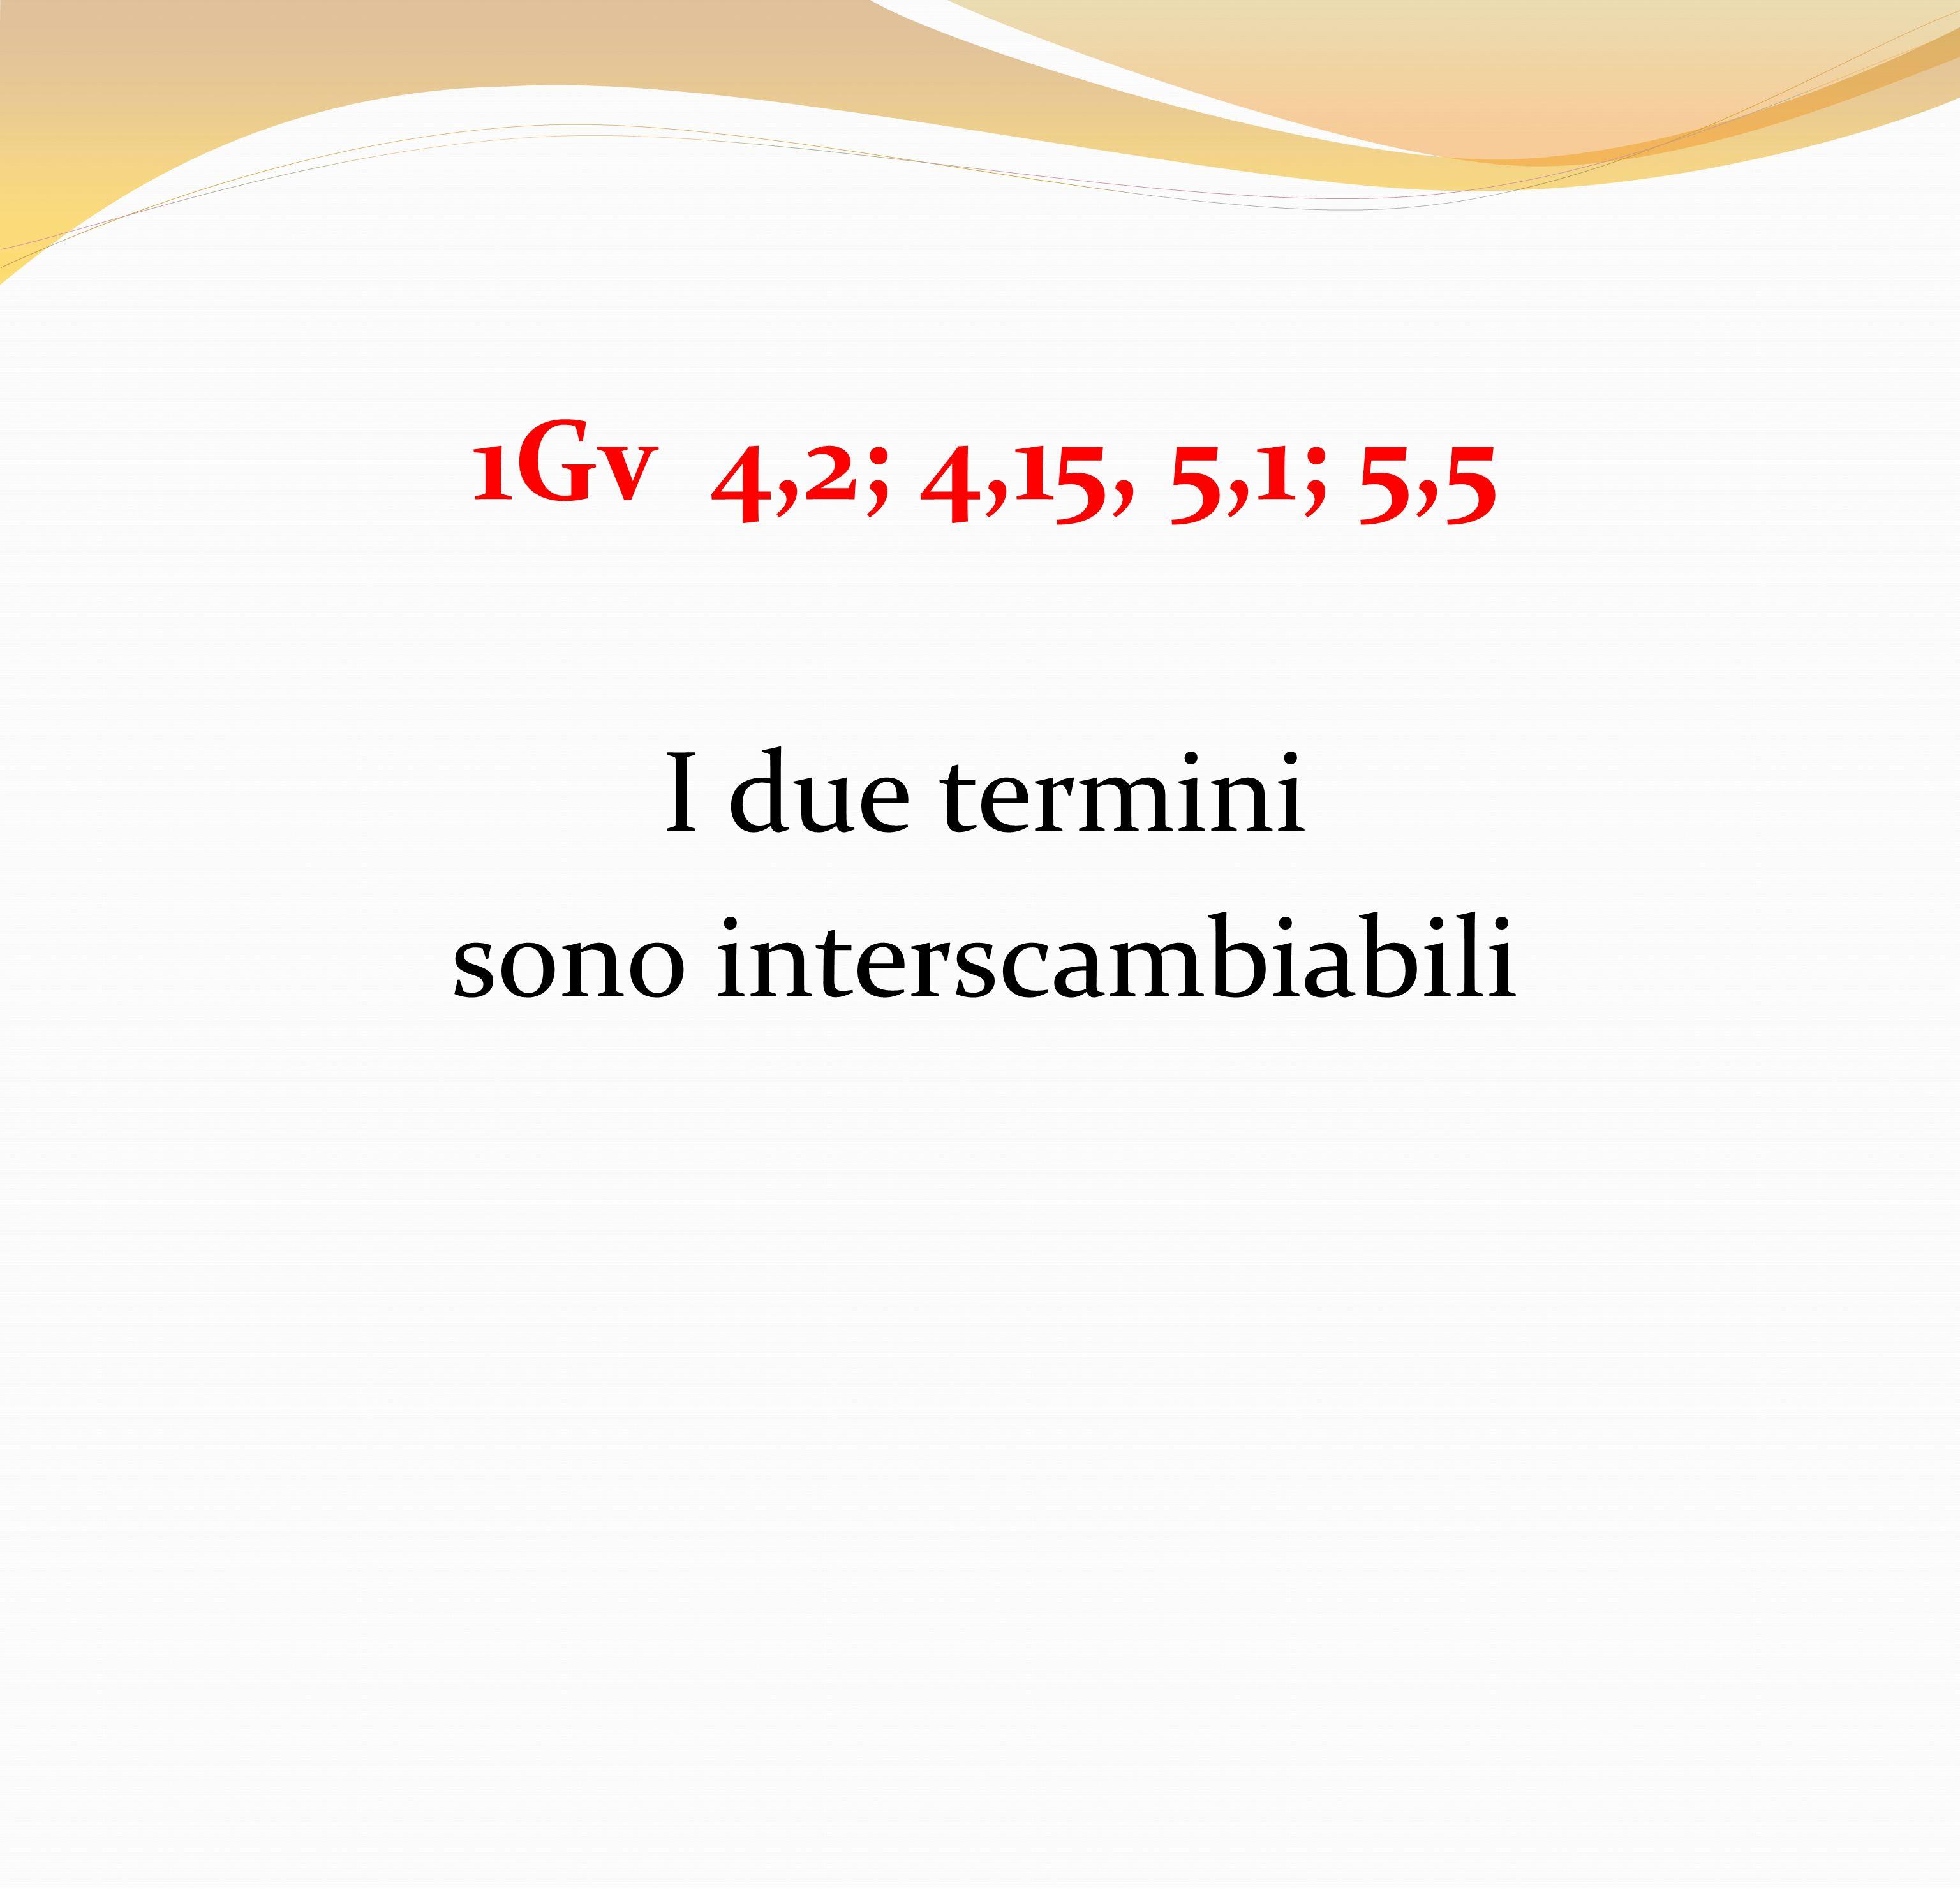 1Gv 4,2; 4,15, 5,1; 5,5 I due termini sono interscambiabili